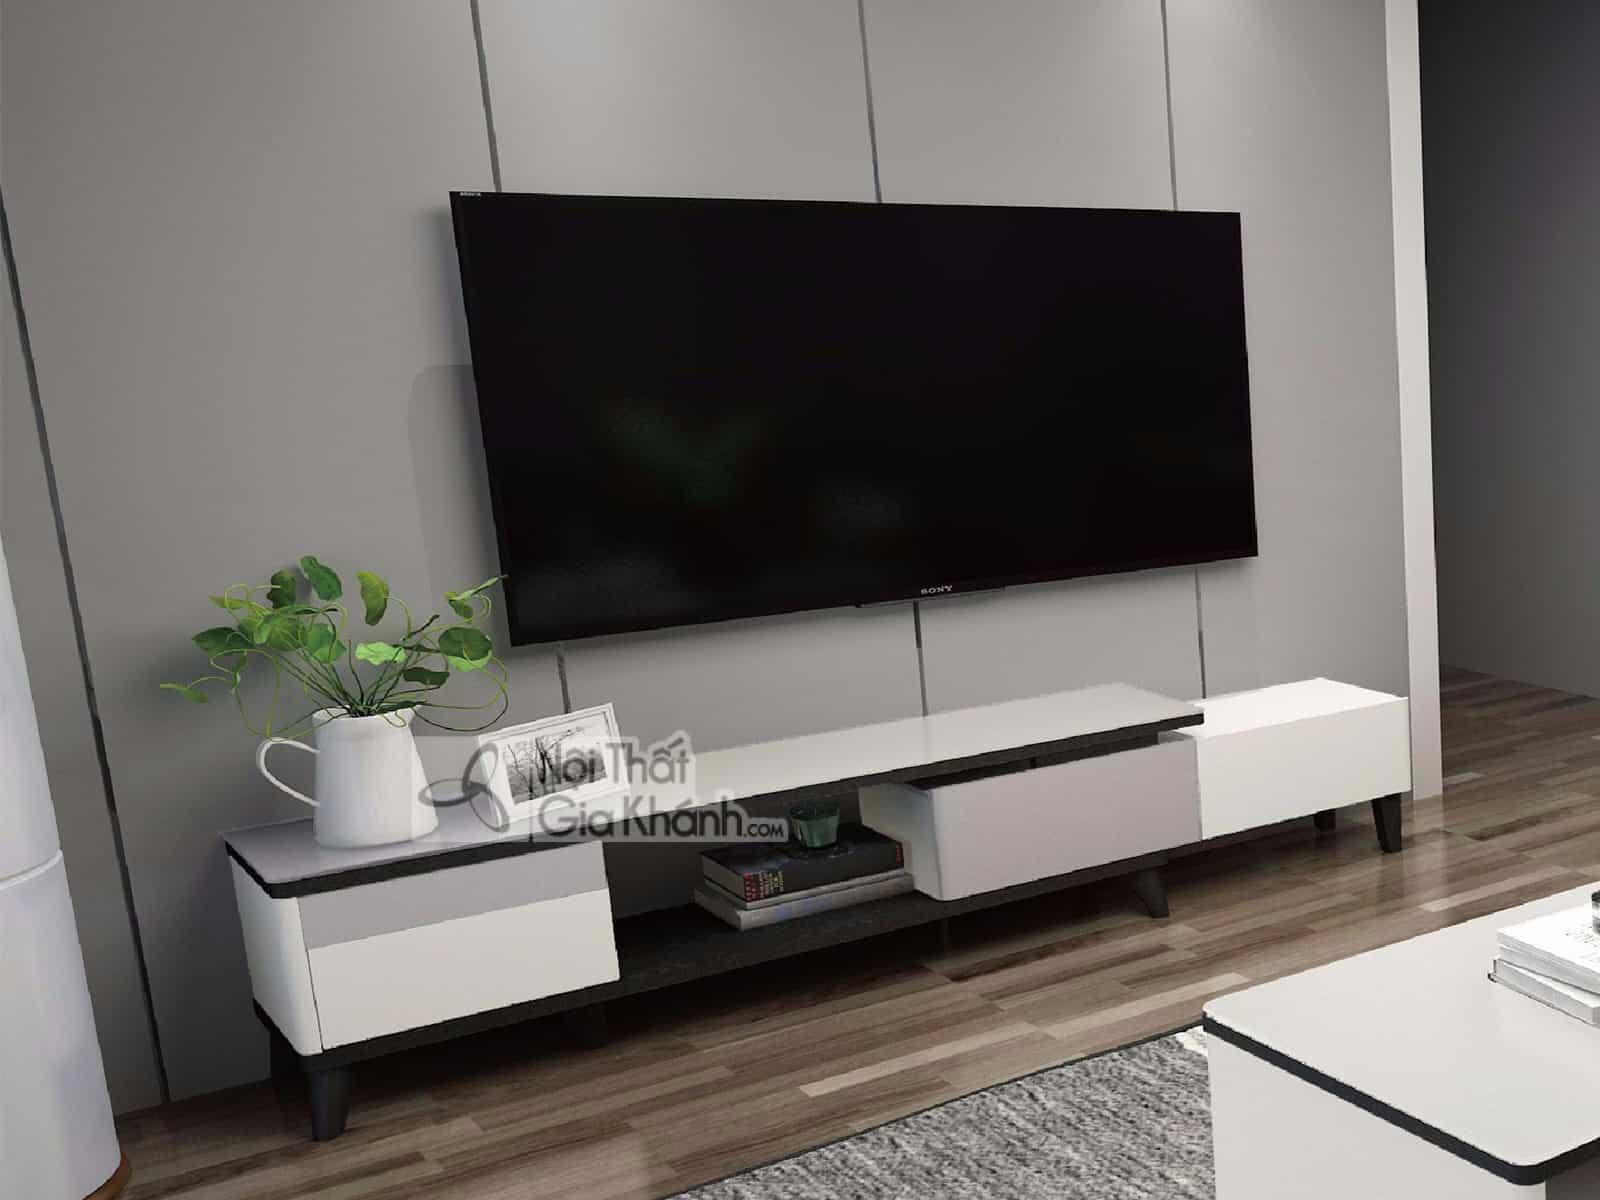 Sofa da góc chữ L cao cấp 3 băng nhập khẩu SF933-3B - ban tra 1m3 mat kinh cuong luc hien dai hc5701 1 2